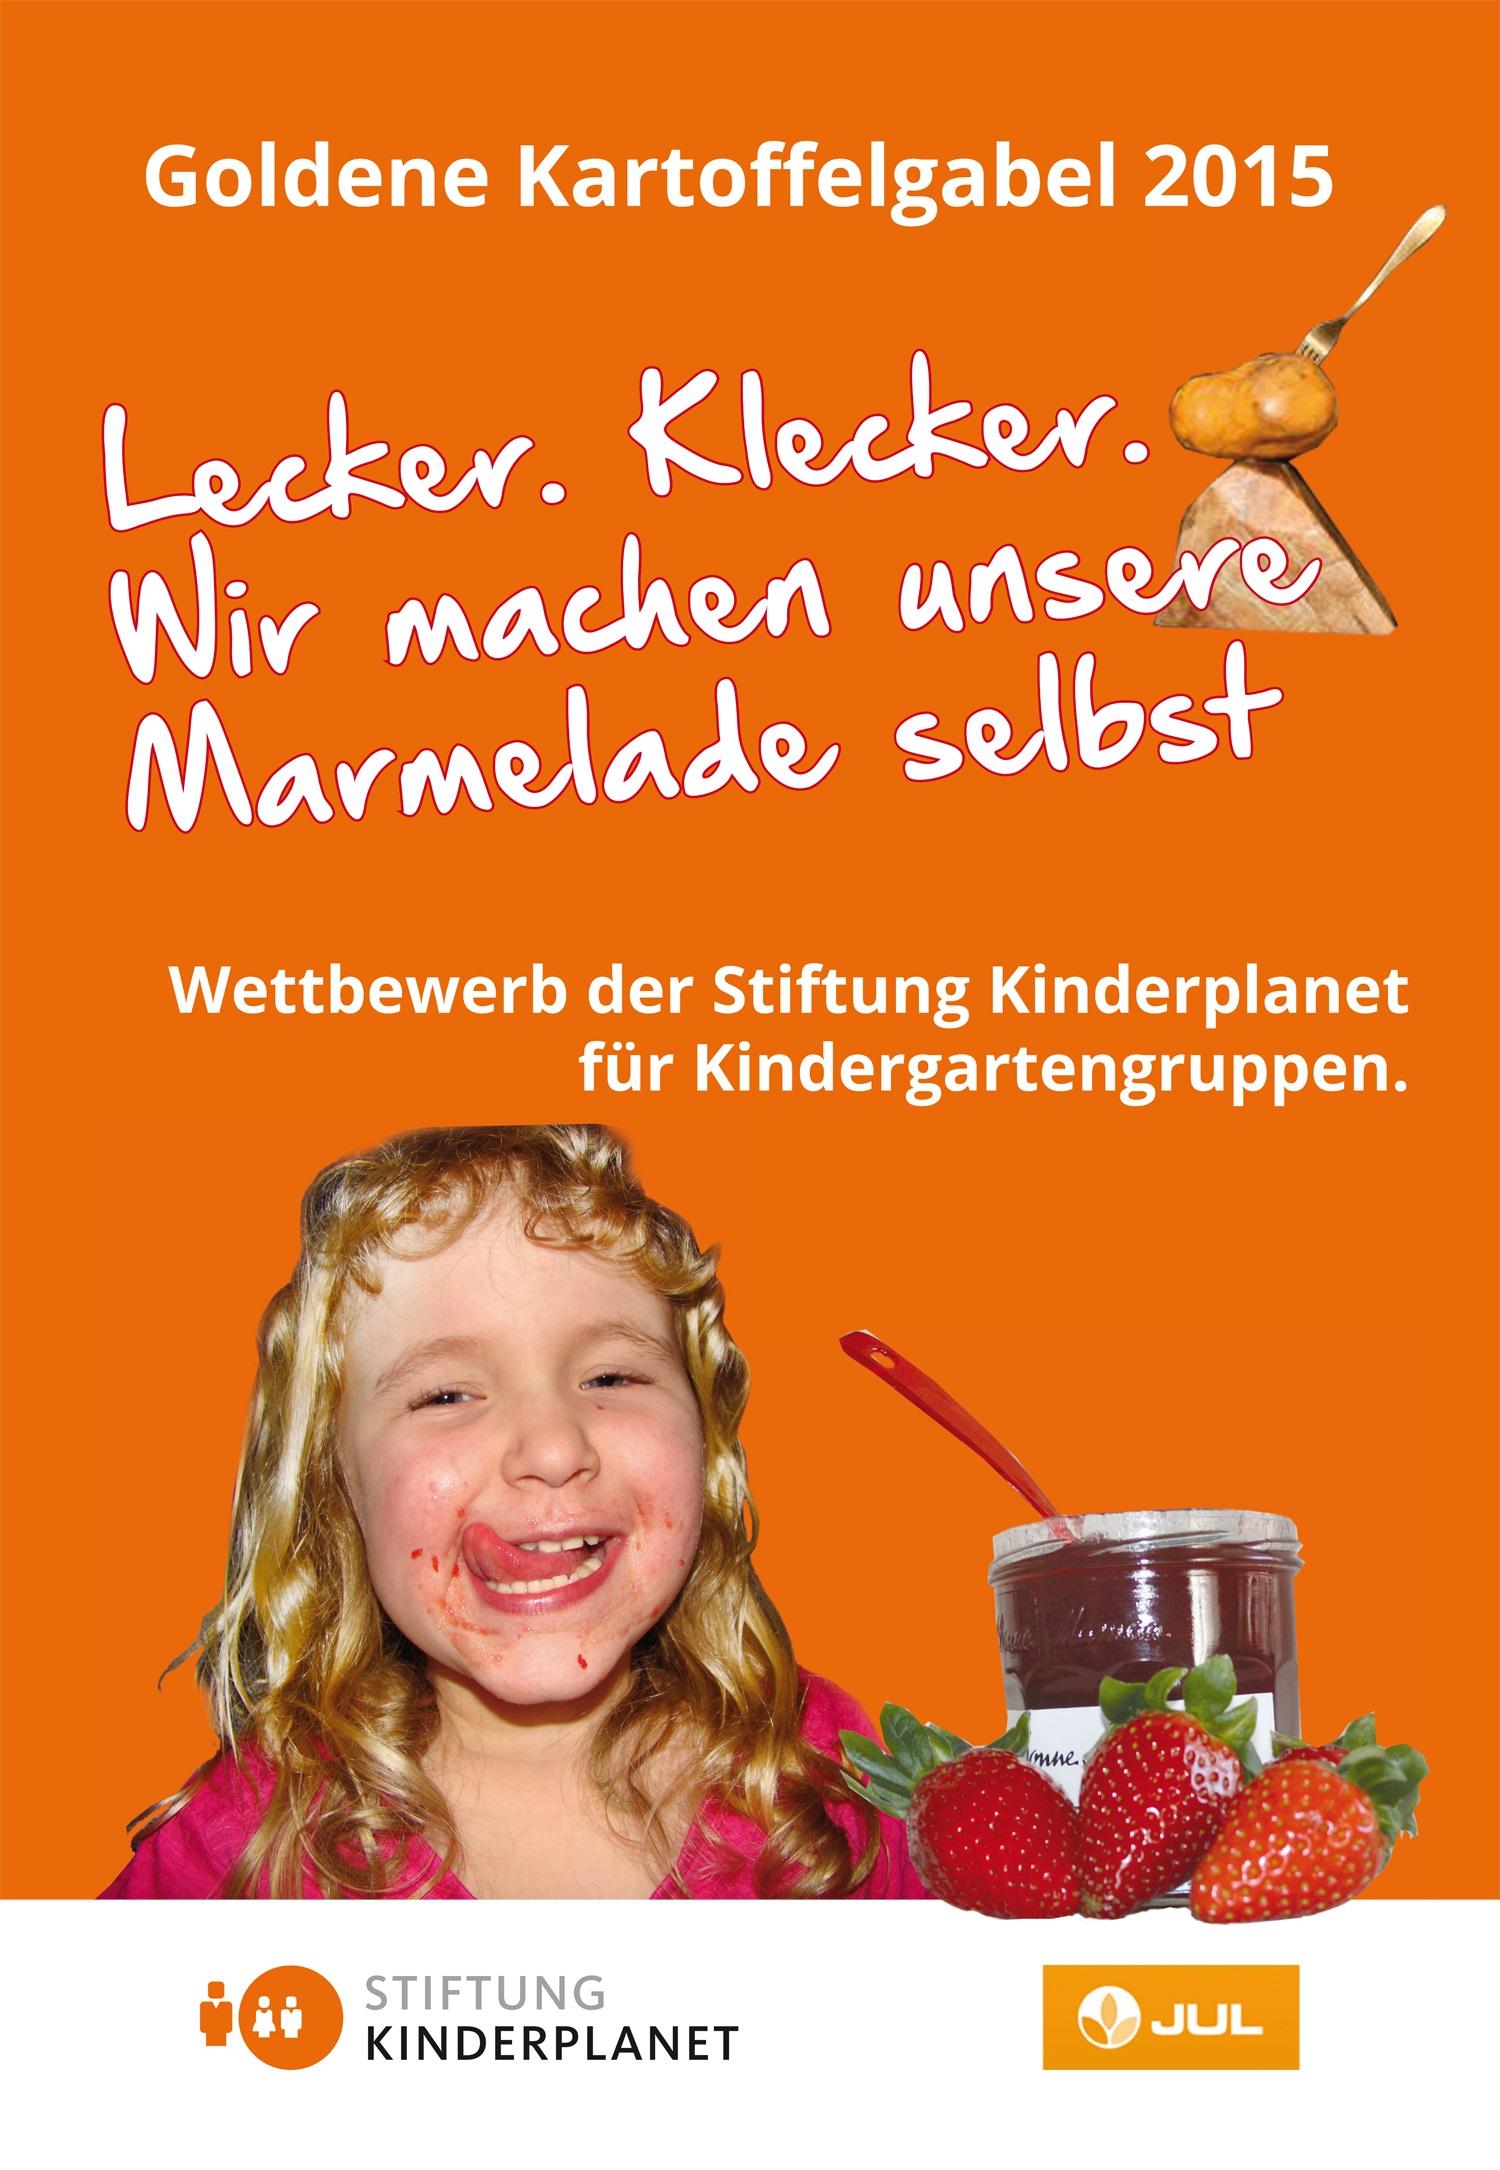 """Preisverleihung """"Goldene Kartoffelgabel 2015"""" am 13.11.2015"""